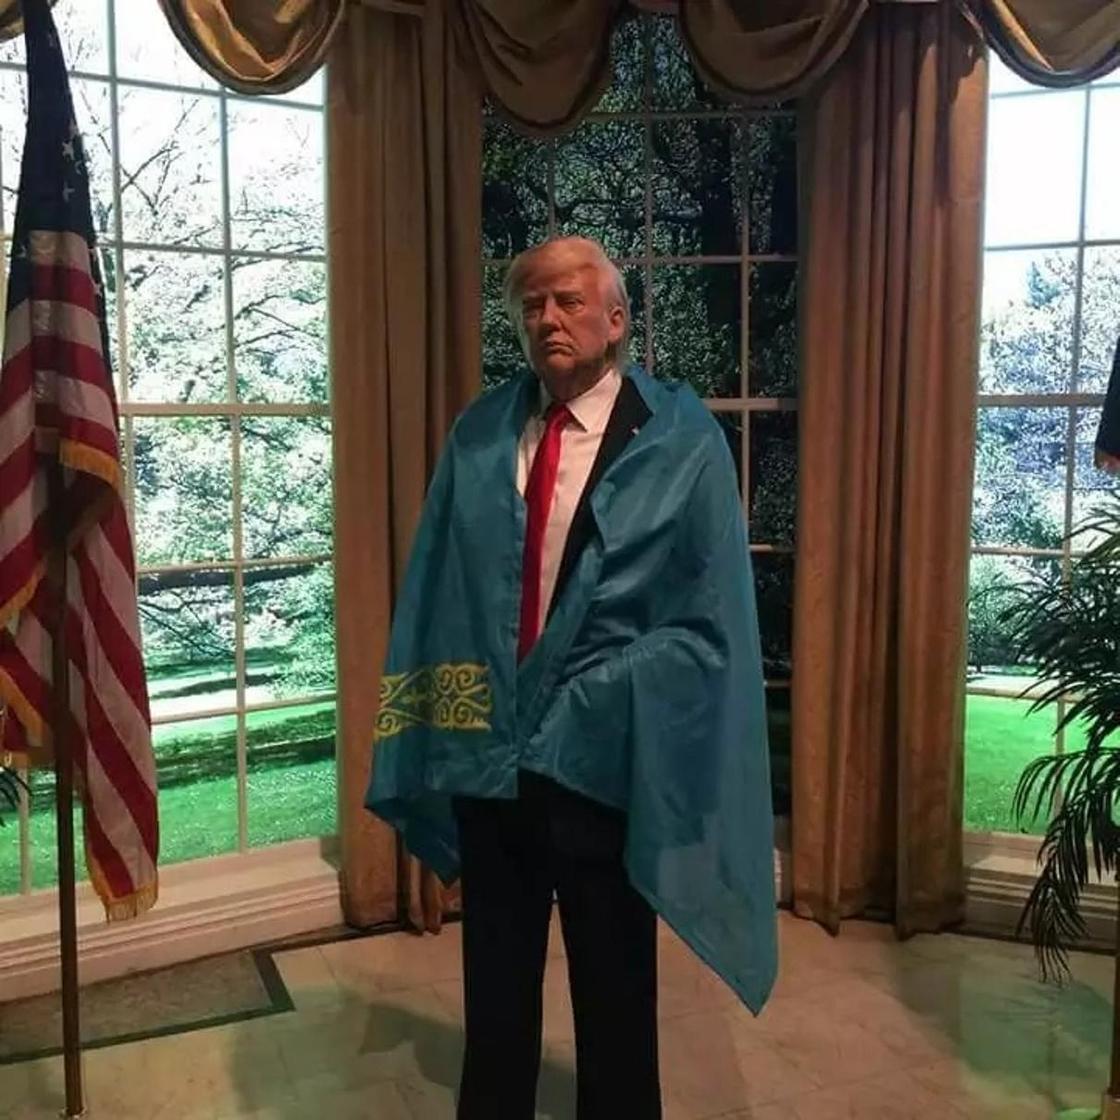 Қазақтың көк байрағын жамылған Дональд Трамптың суреті